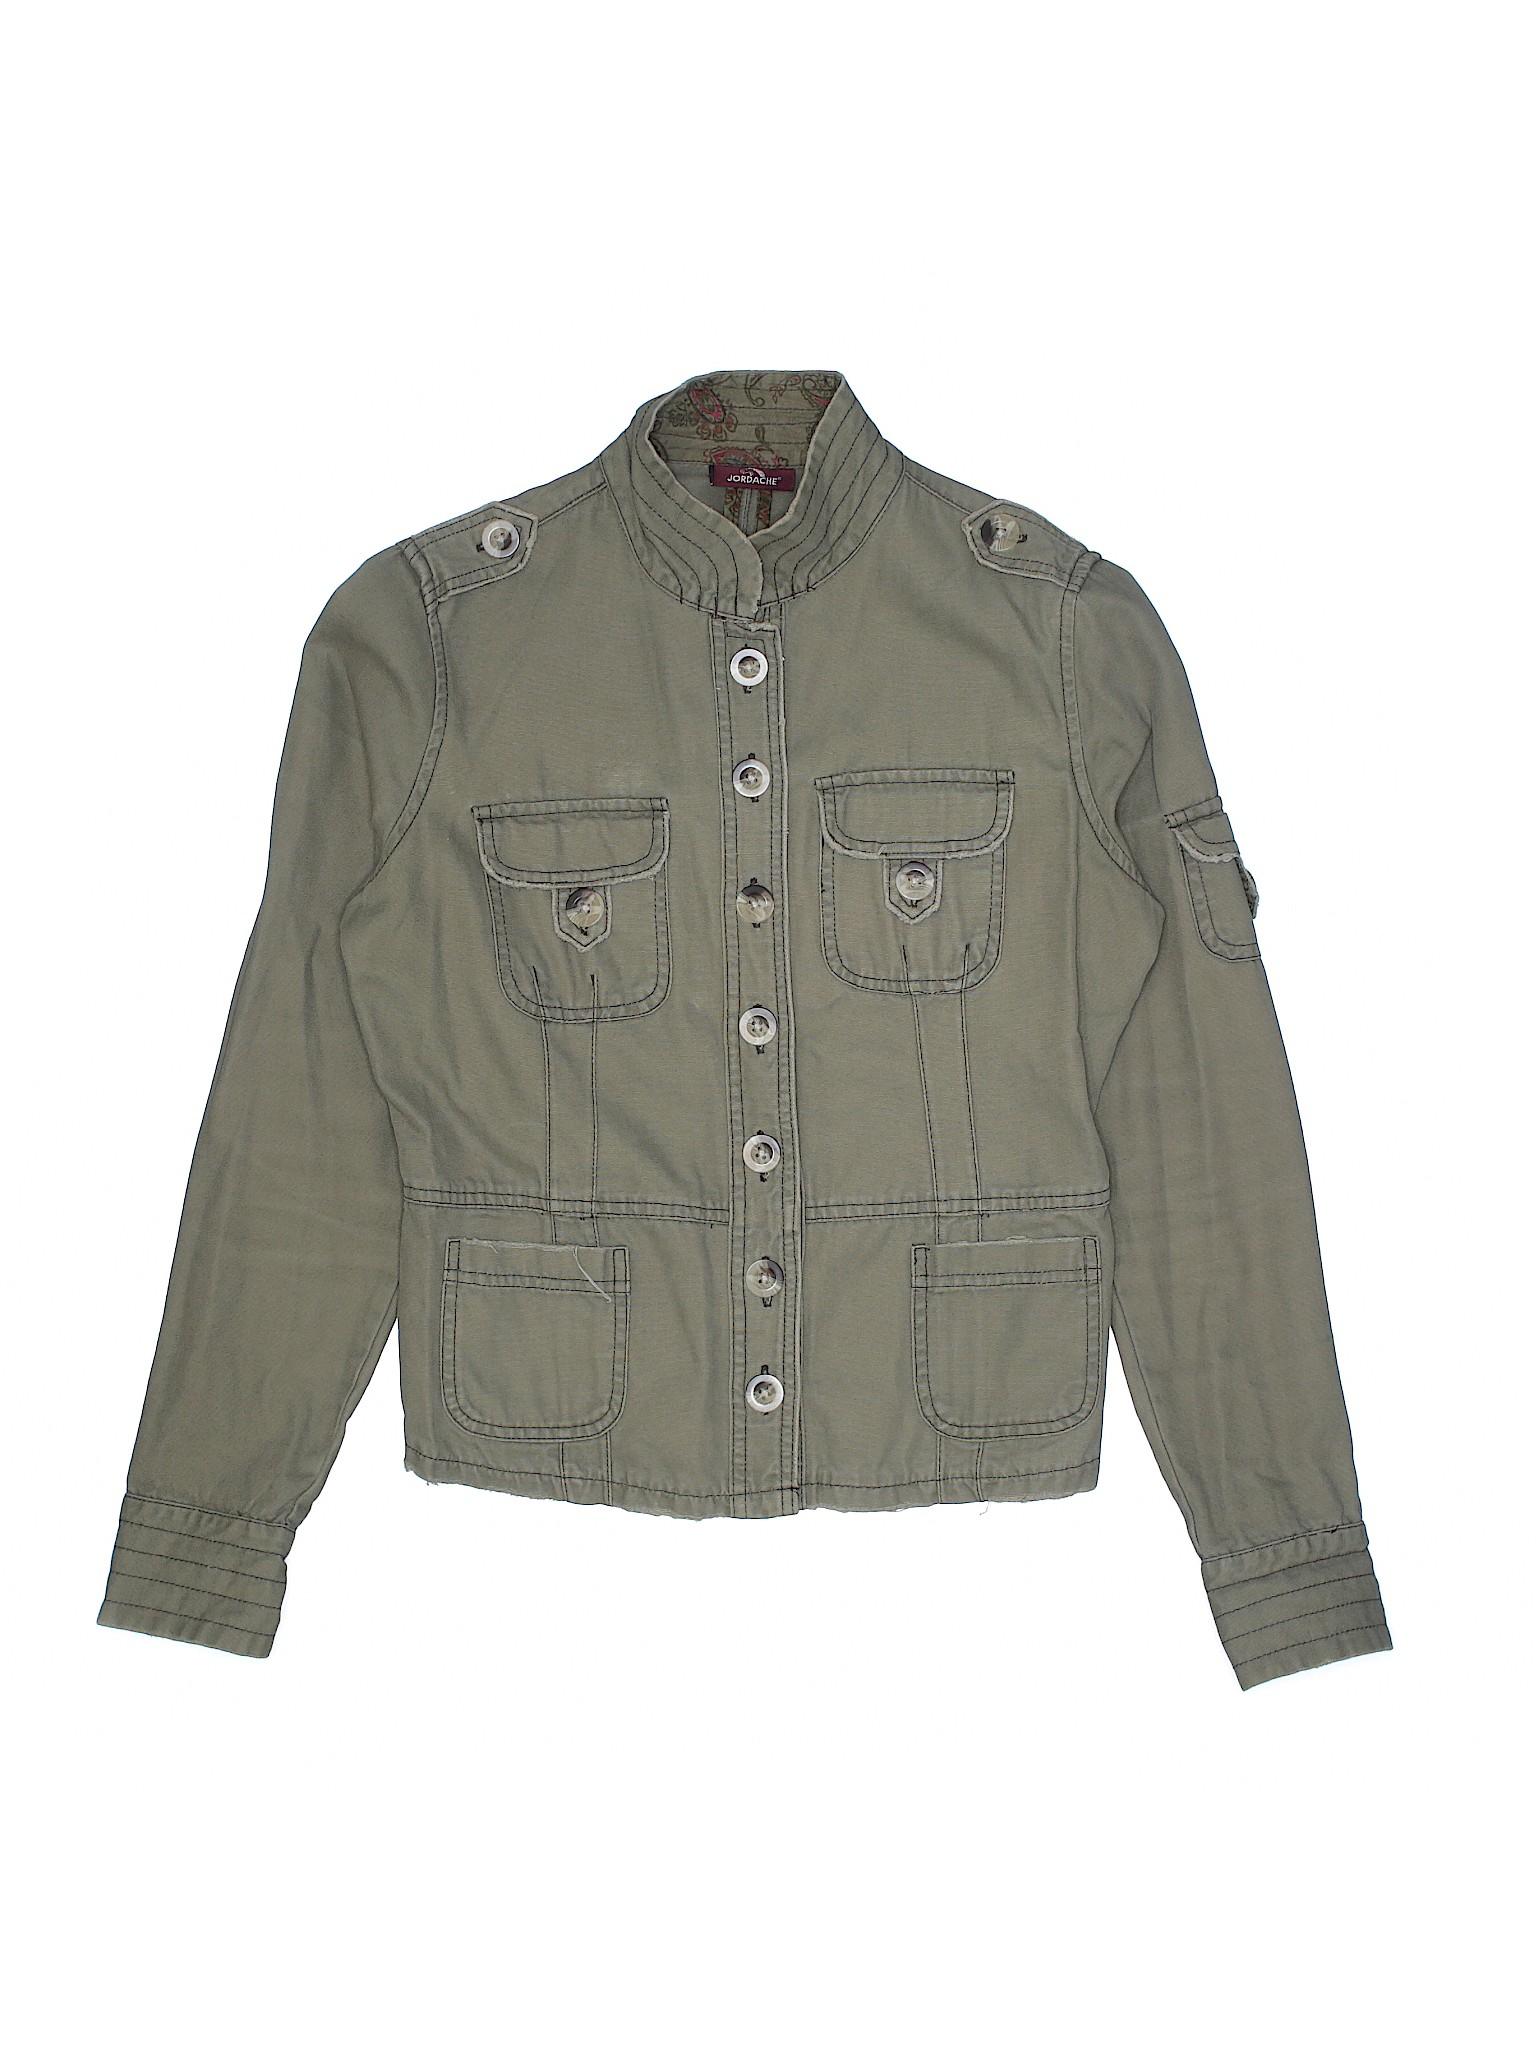 Boutique leisure Boutique leisure Jacket Jordache q0zqrwU